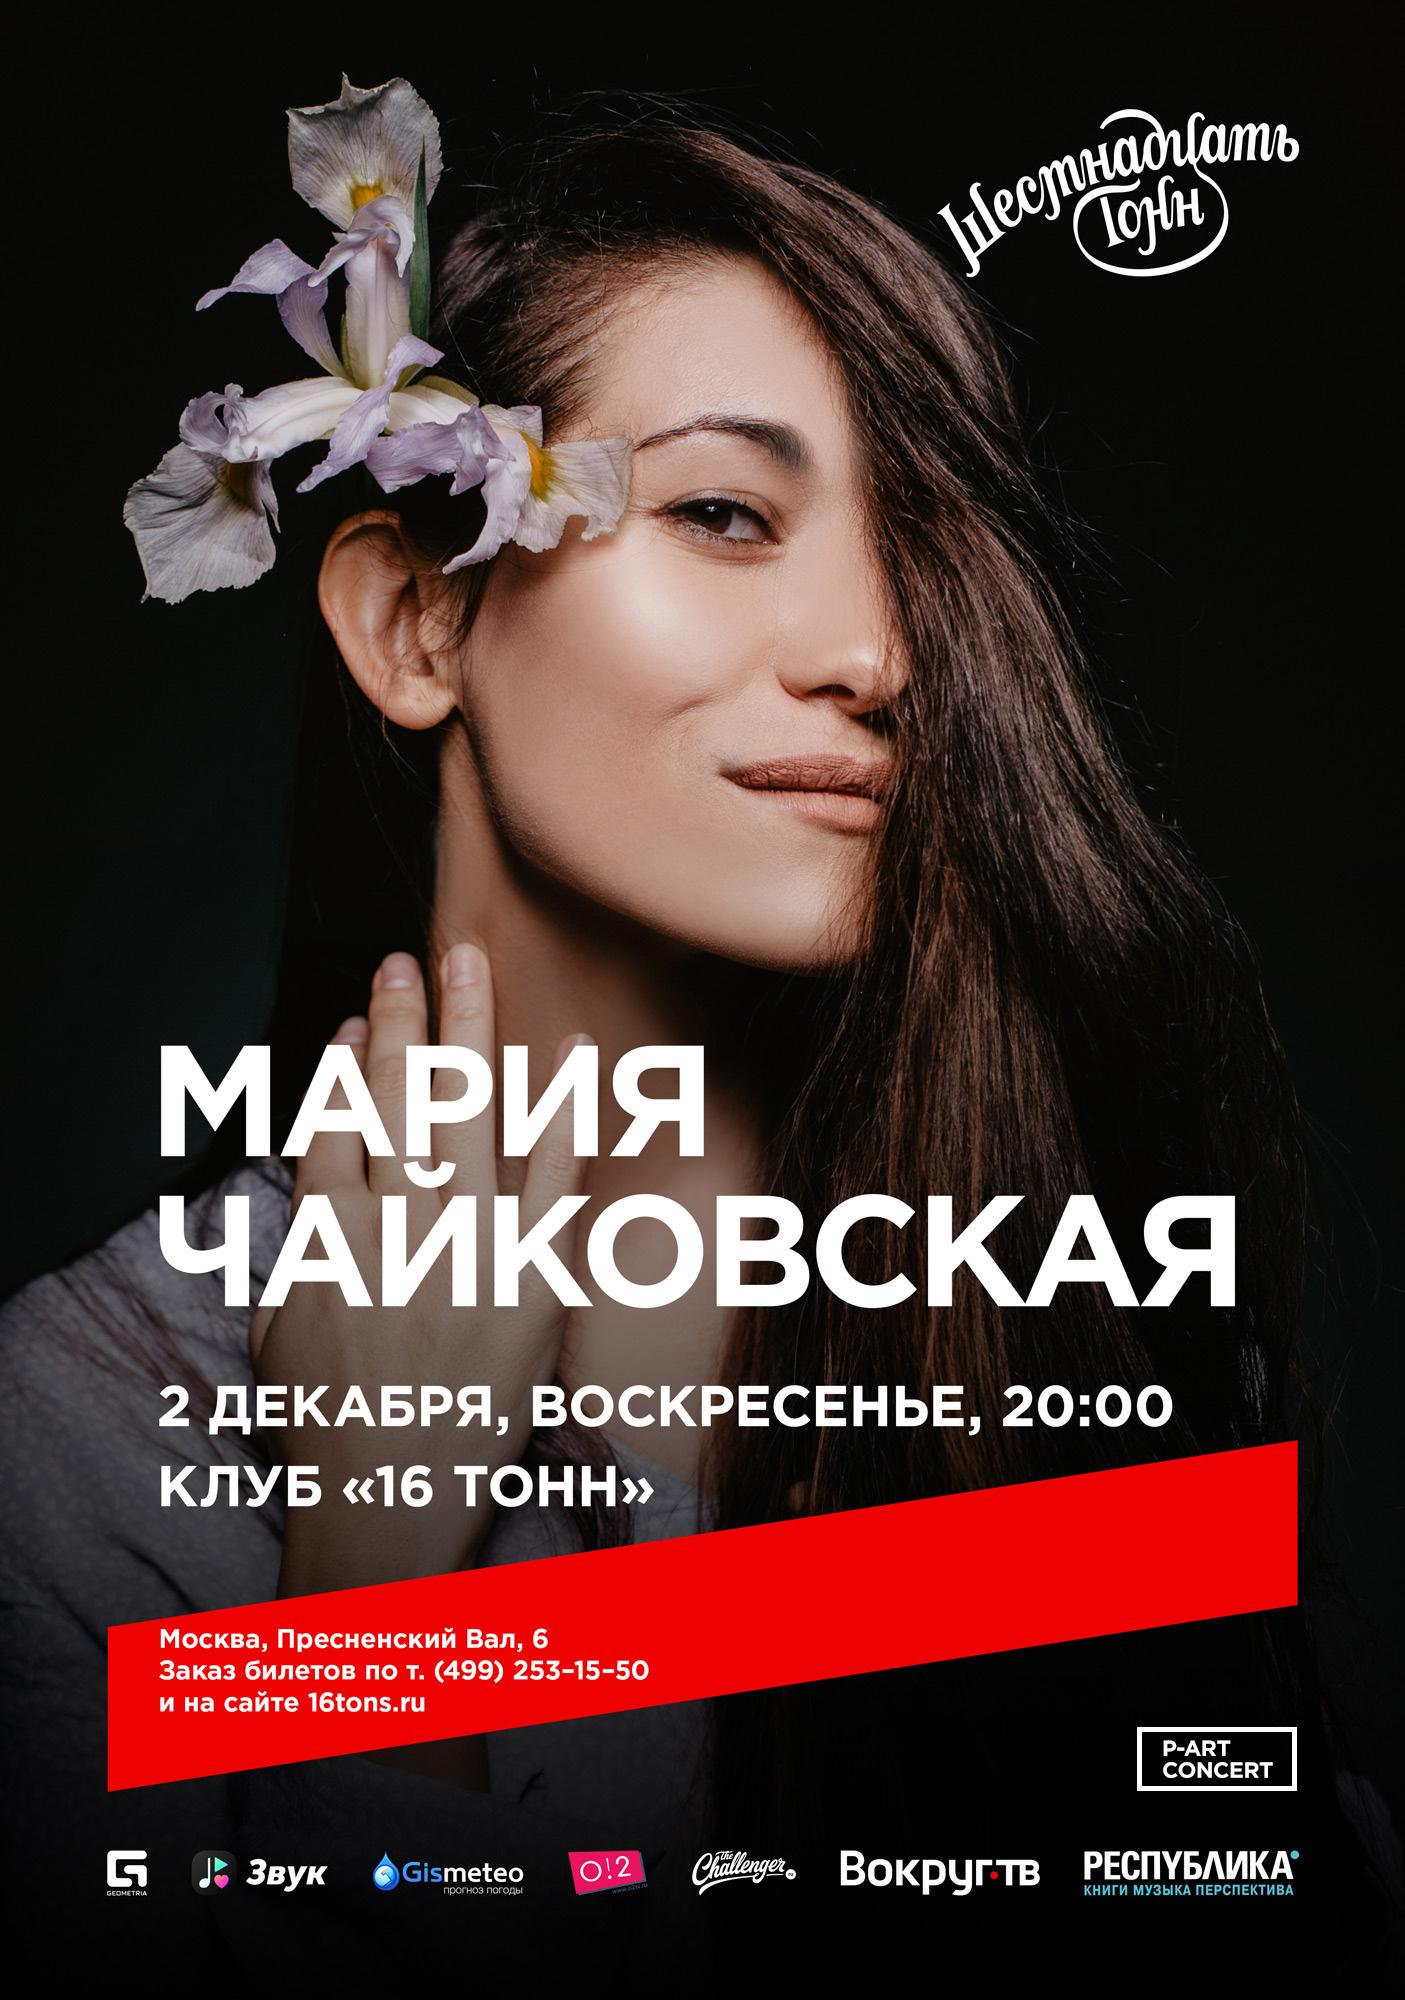 Афиша Мария Чайковская